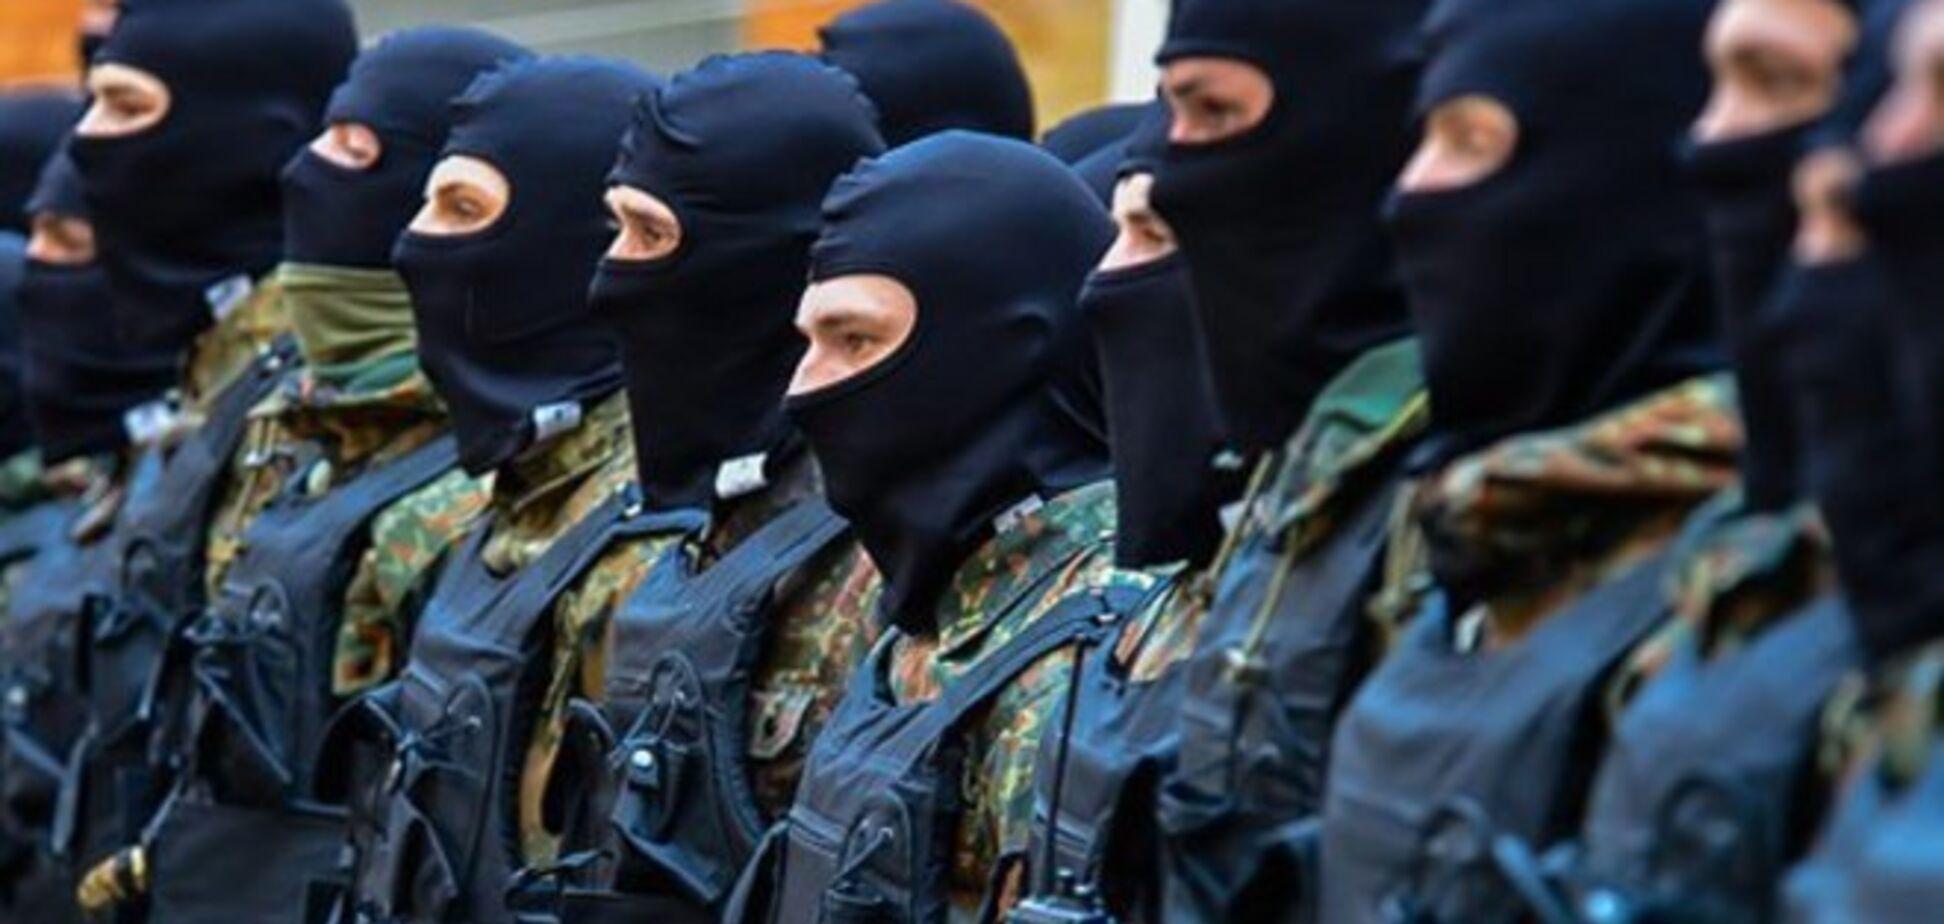 Бойцы батальона МВД 'Азов' обнародовали досье на ликвидированных в Торезе террористов